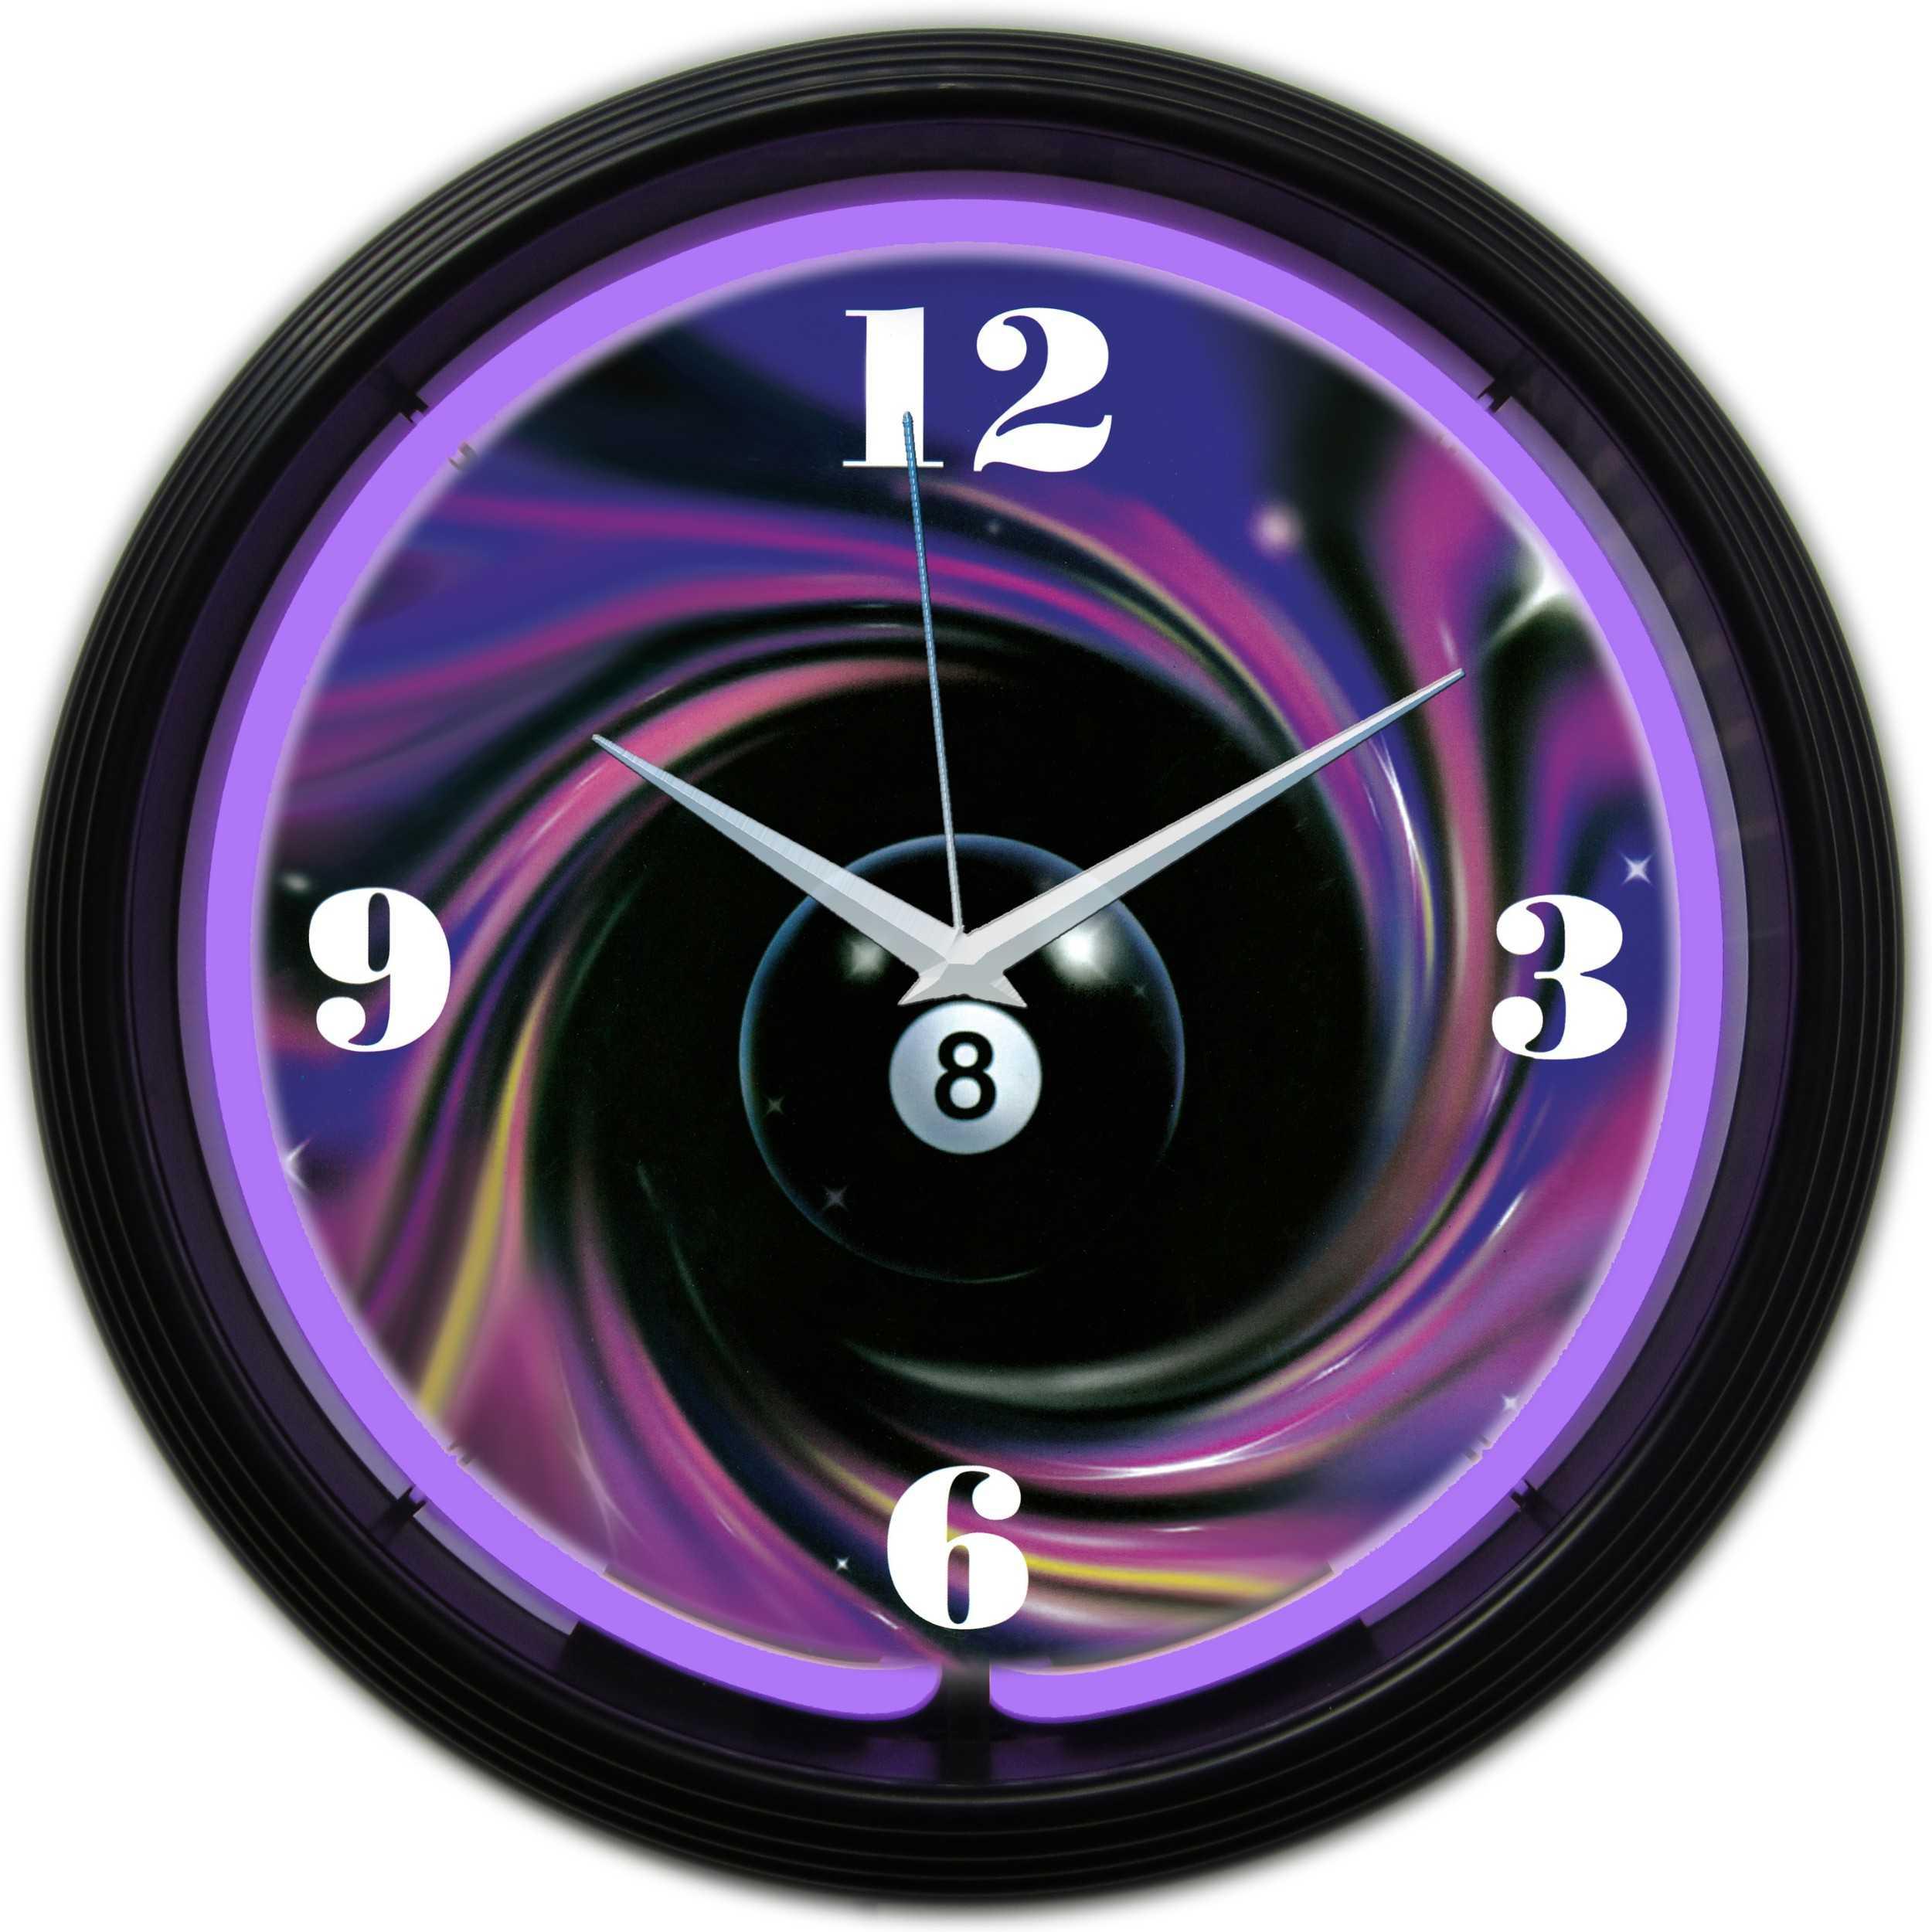 8 BALL SWIRL NEON CLOCK